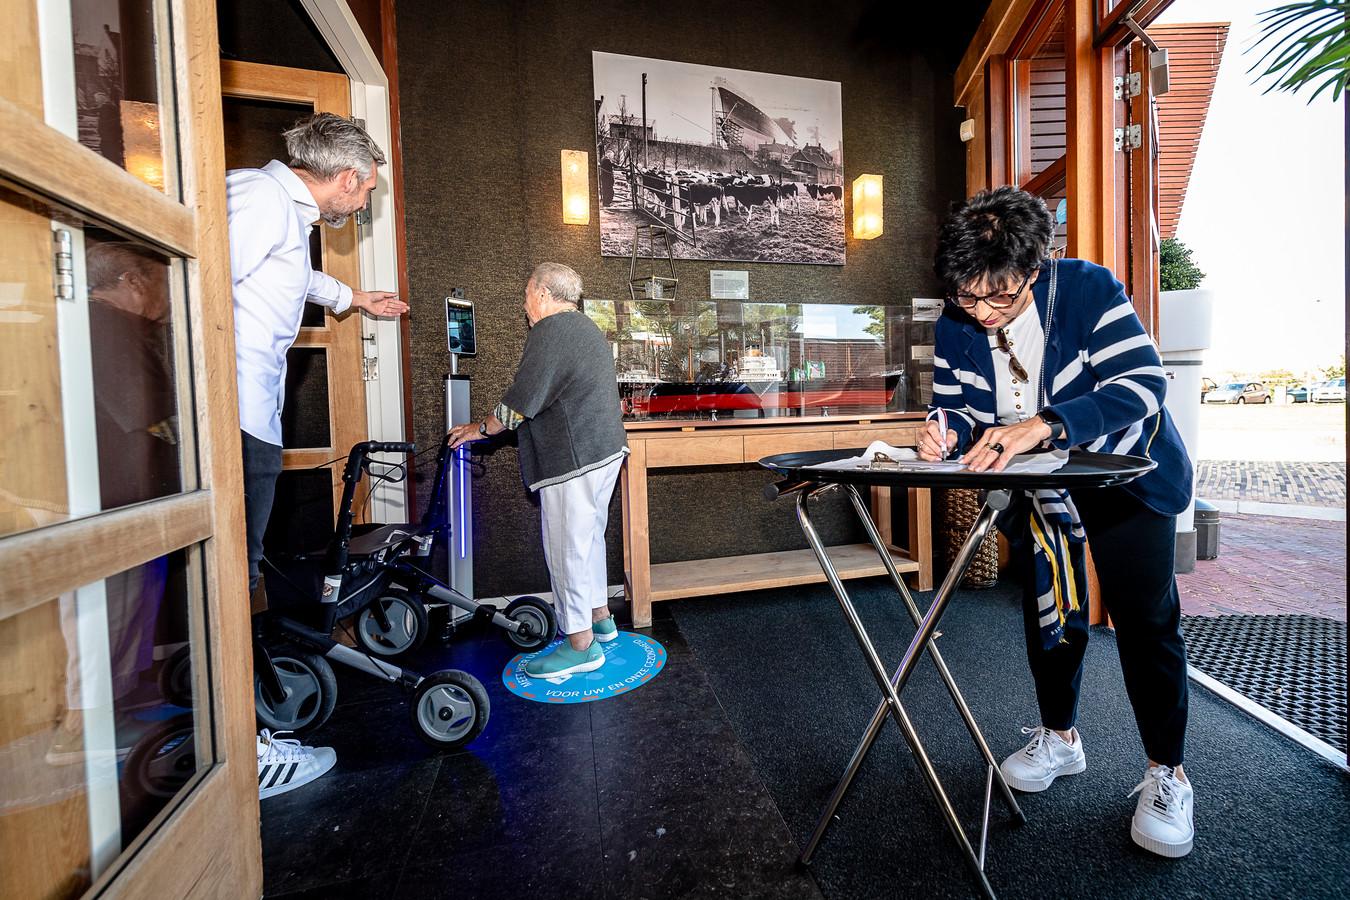 Loly Engelen (64) gaat met haar schoonmoeder Margreta Engelen (84) lunchen bij restaurant Fuiks. Daar staat sinds deze week een temperatuurscanner.